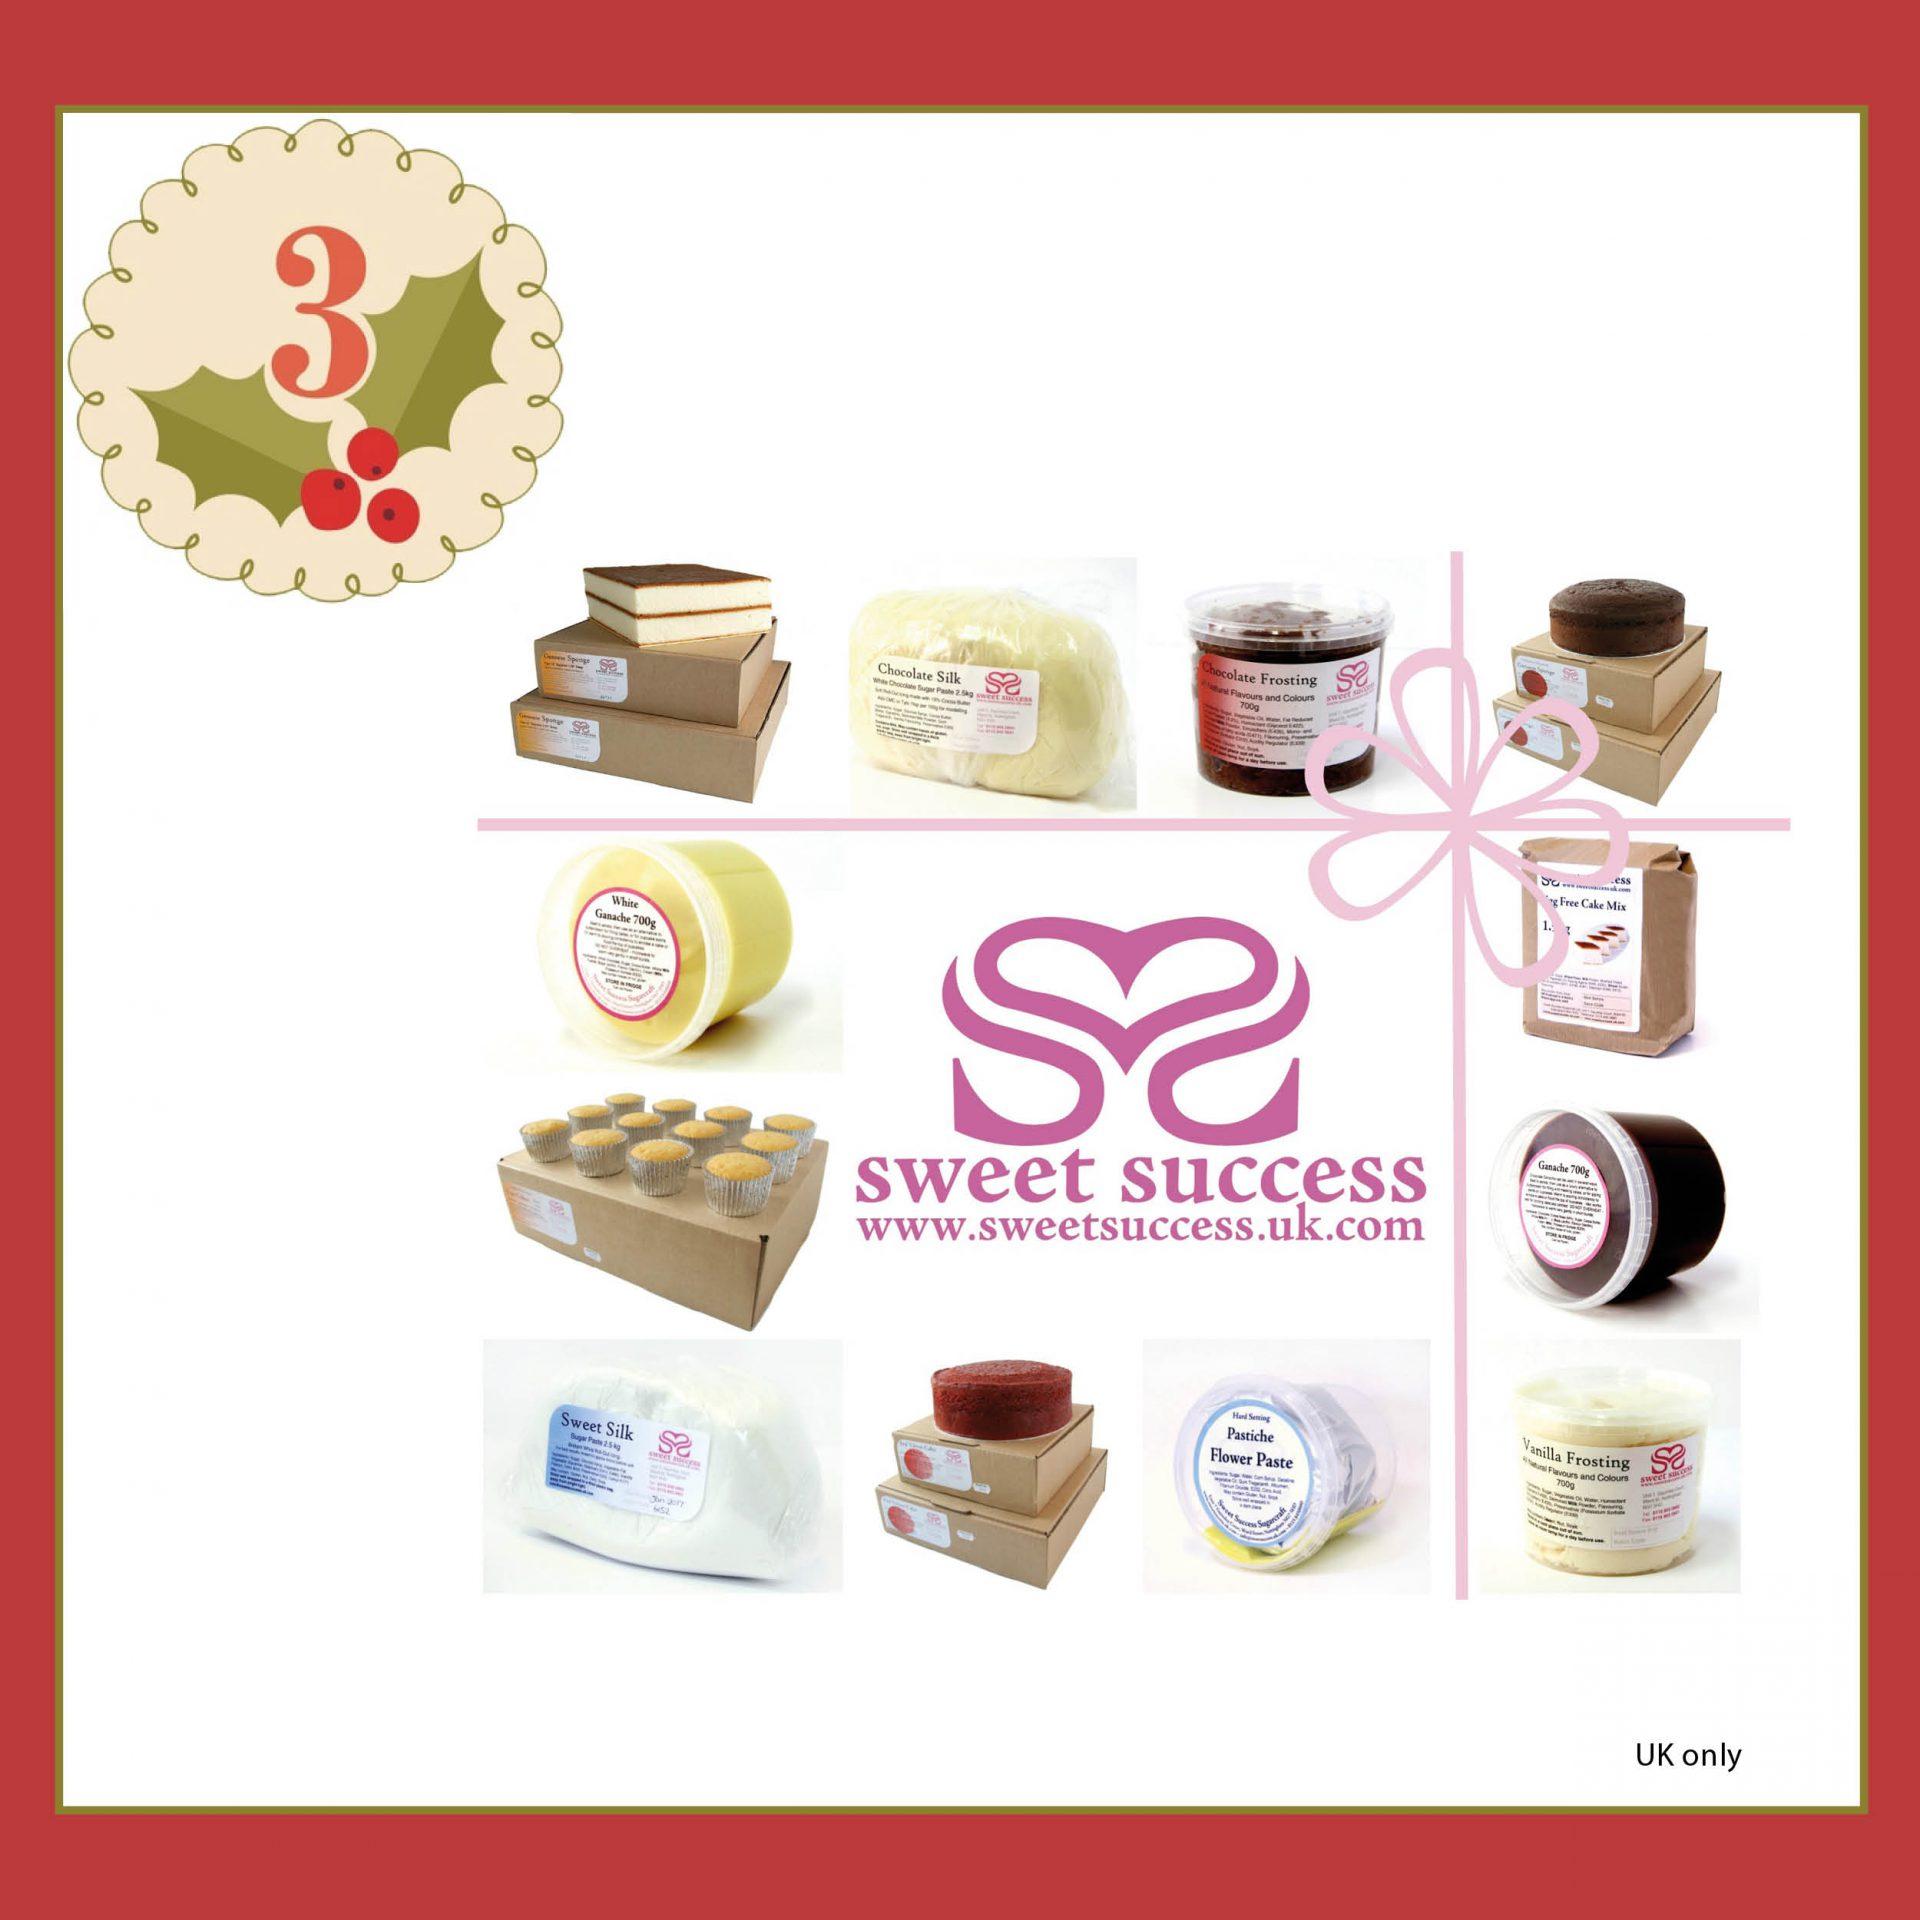 3rd-december-sweet-success